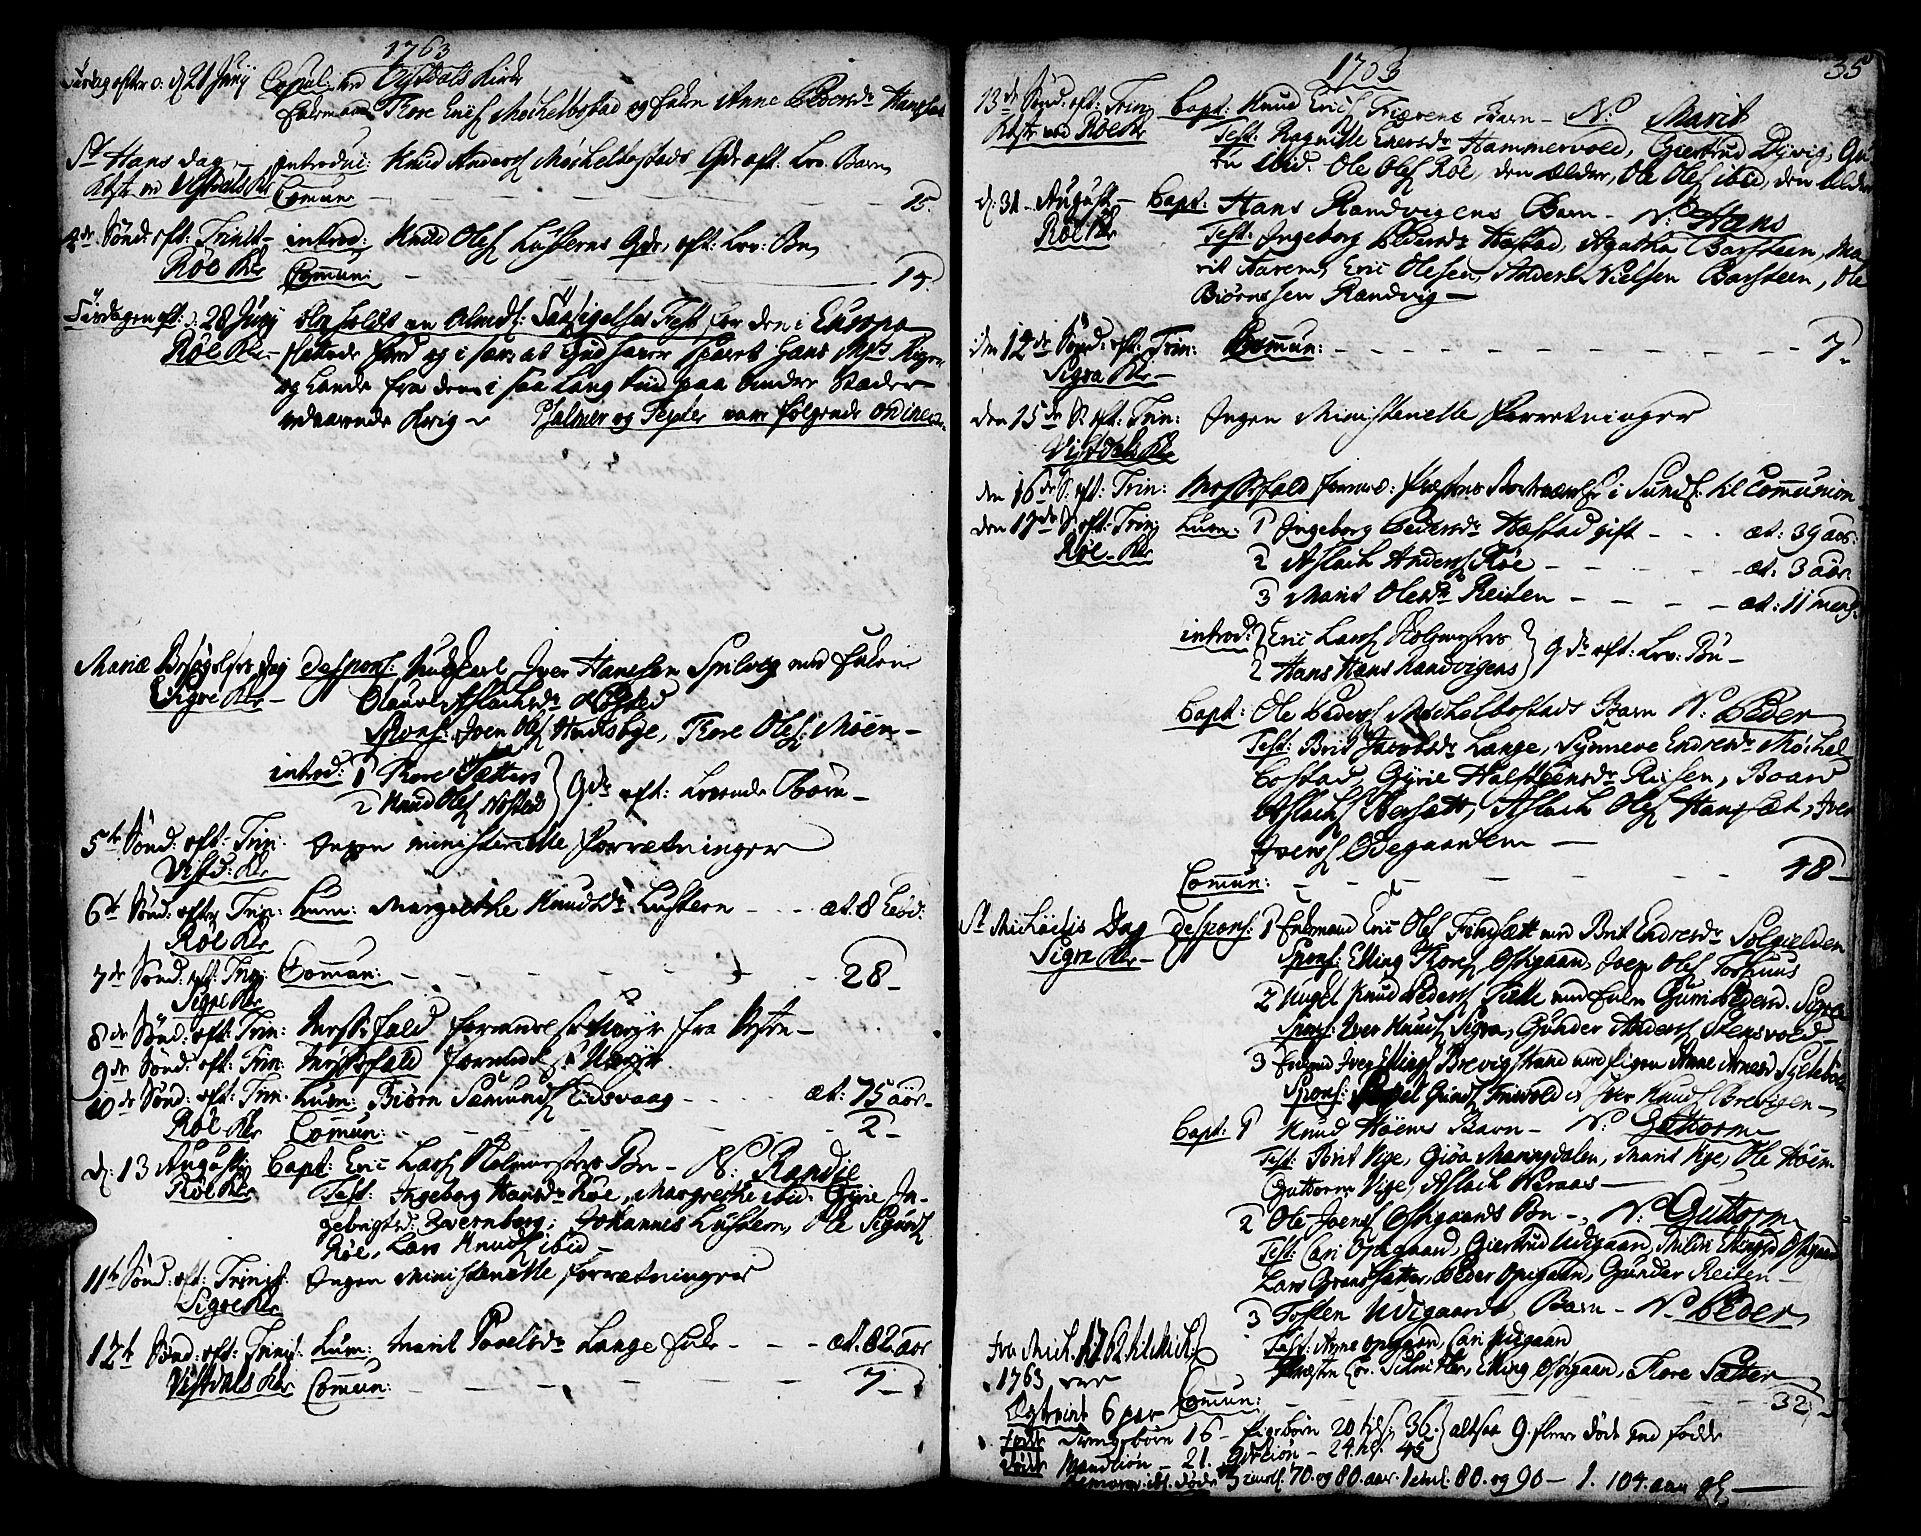 SAT, Ministerialprotokoller, klokkerbøker og fødselsregistre - Møre og Romsdal, 551/L0621: Ministerialbok nr. 551A01, 1757-1803, s. 35